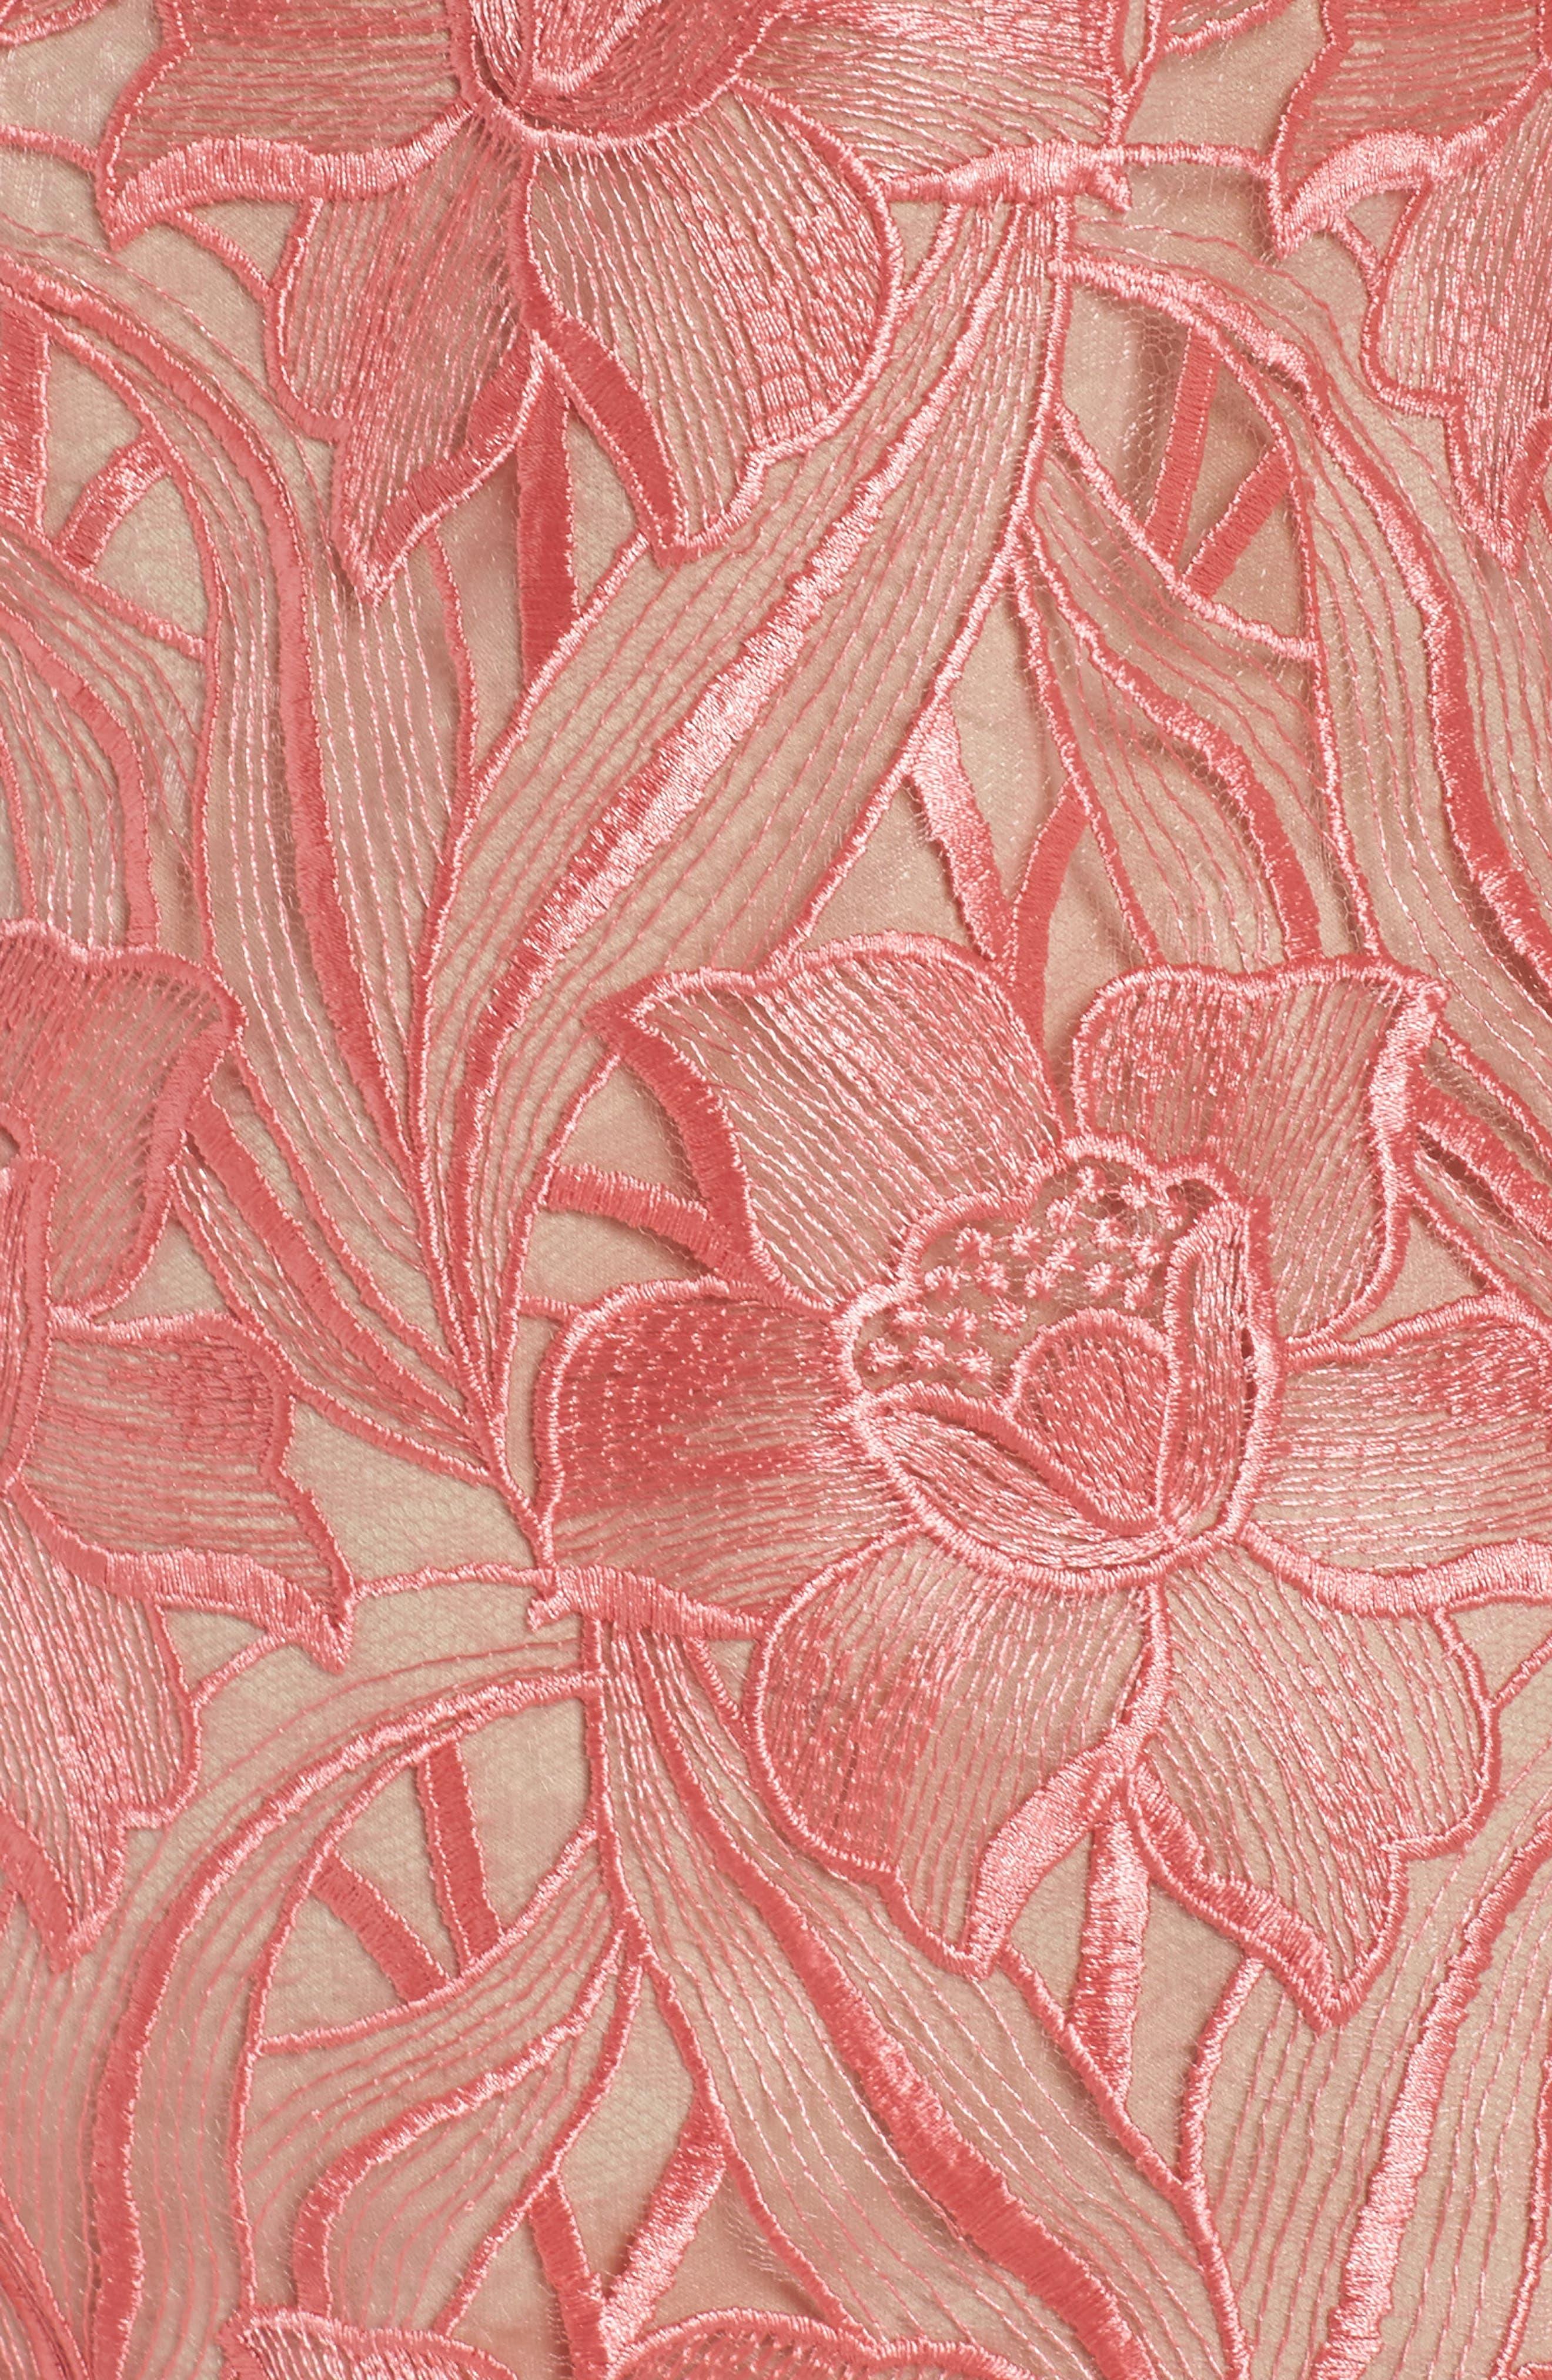 Floral Mesh Lace Shift Dress,                             Alternate thumbnail 6, color,                             950